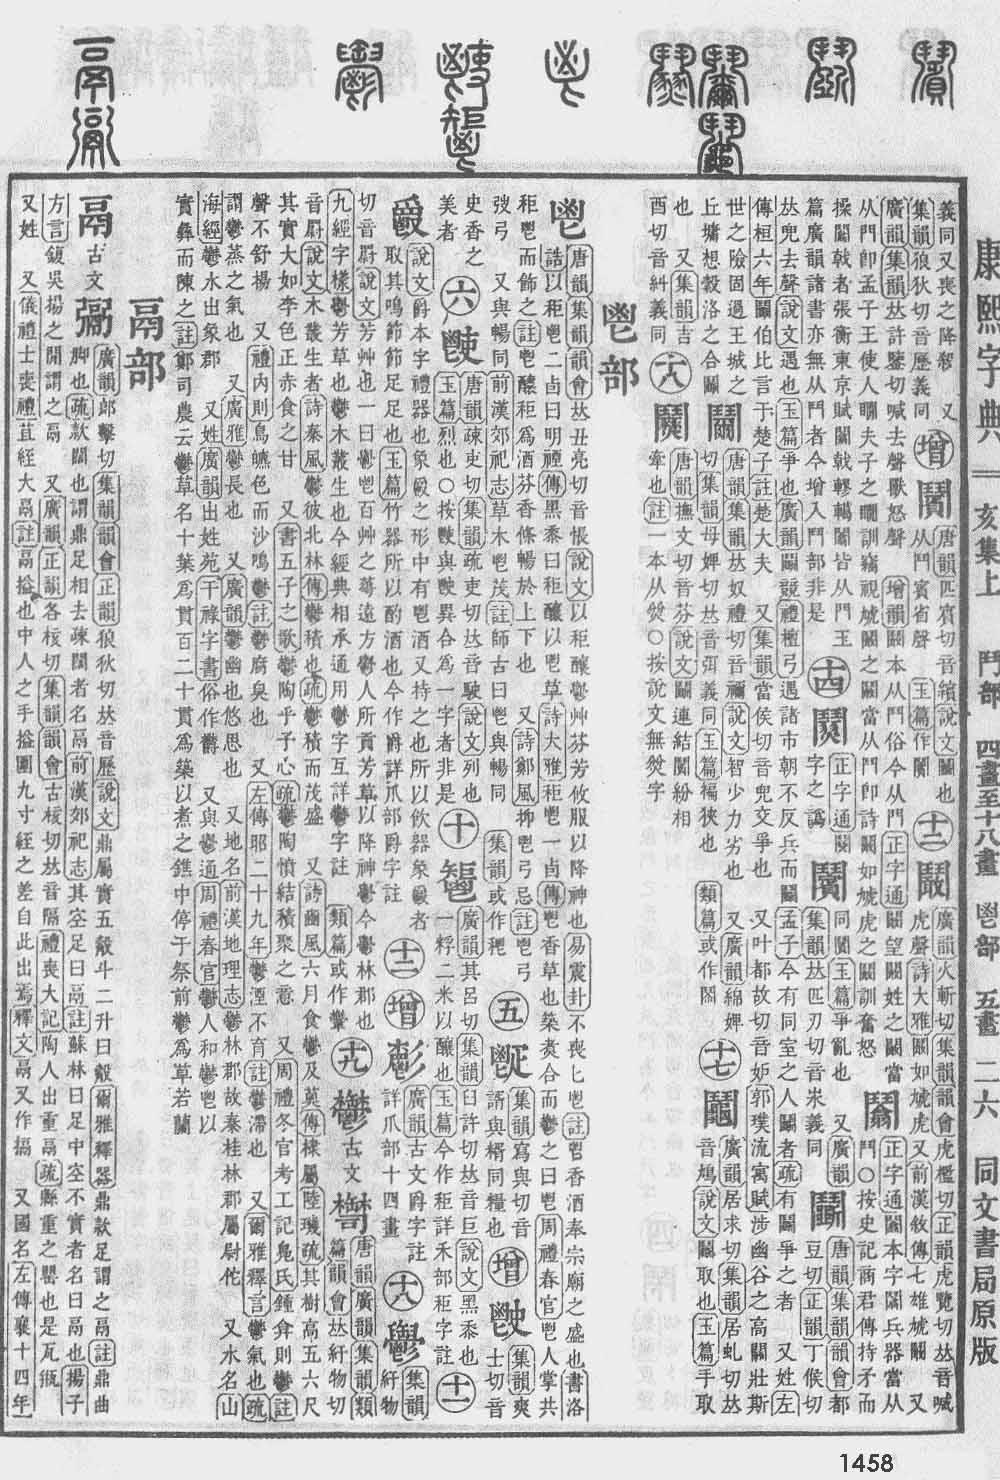 《康熙字典》第1458页